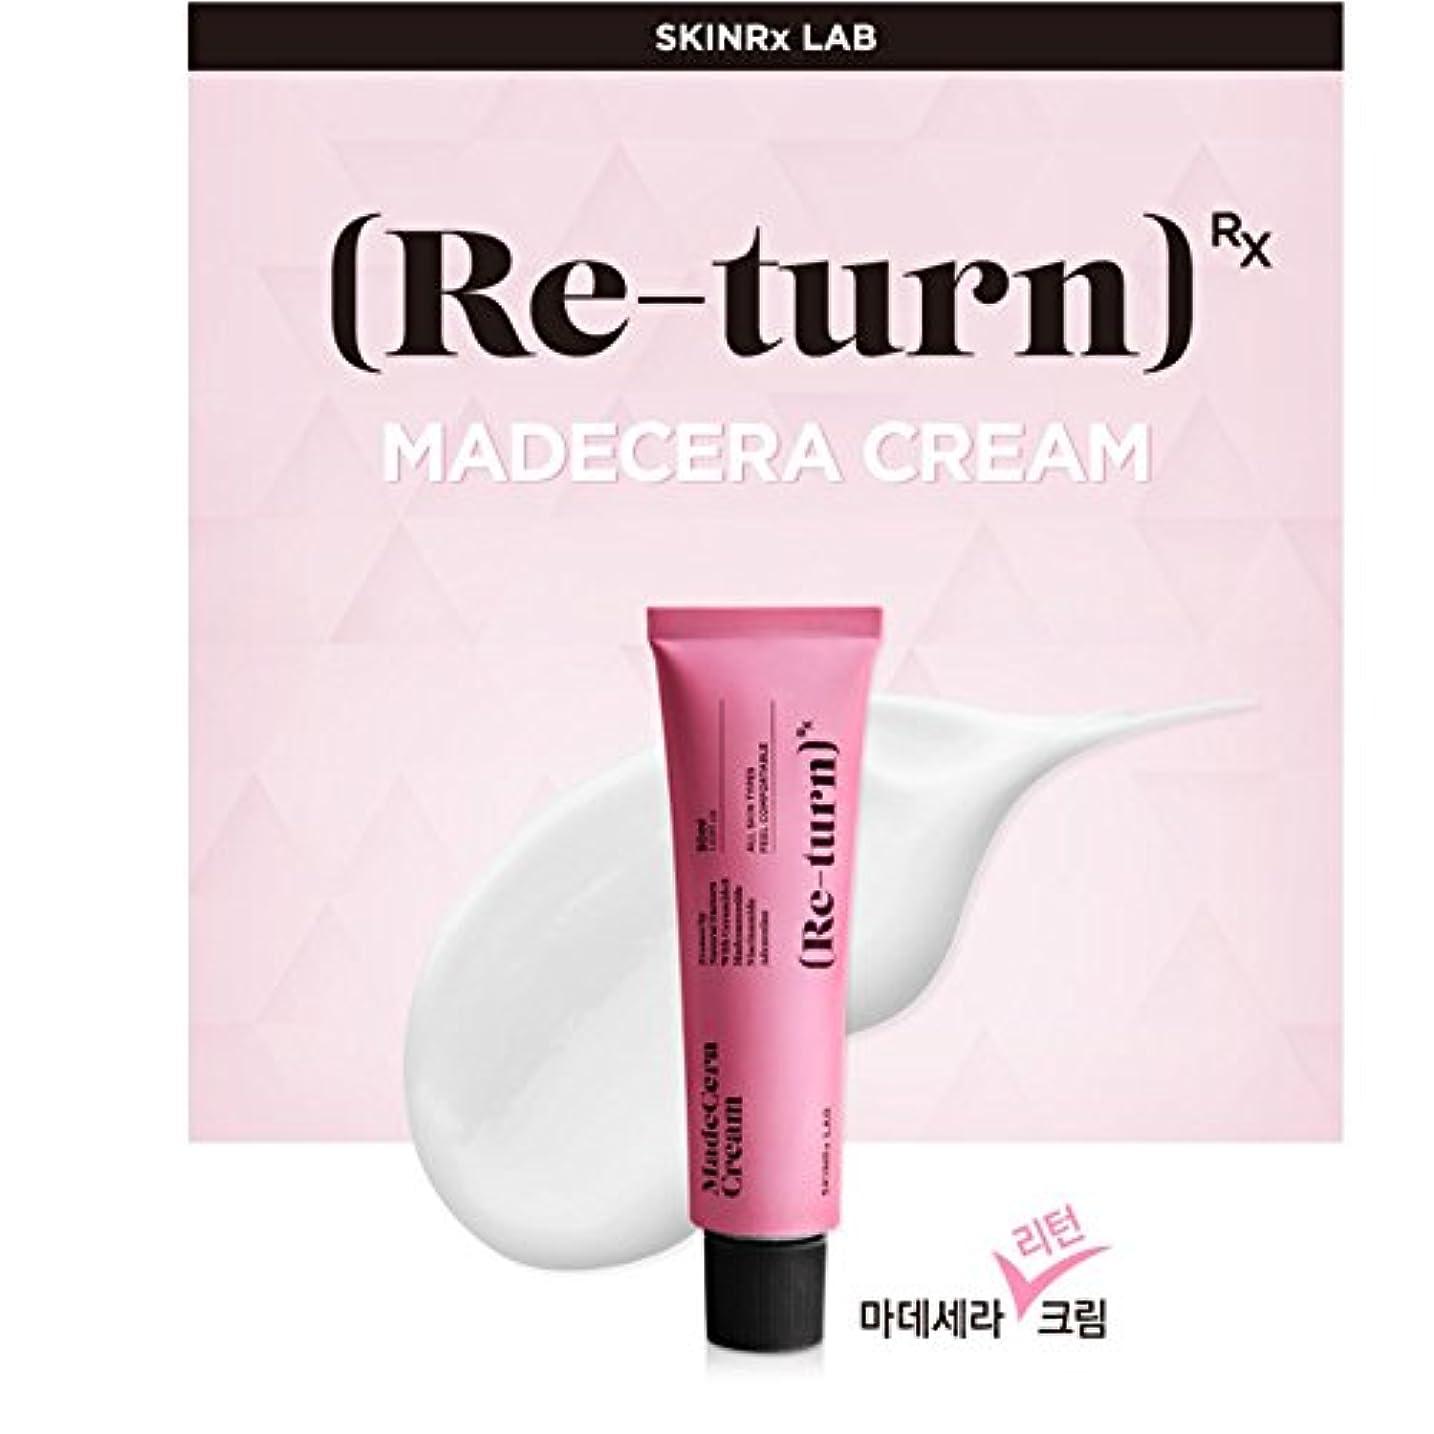 帳面赤みなさんスキンアルエクスラップ マデセラ リターン クリーム 50ml / SKINRxLAB MadeCera Re-turn Cream 50ml (1.69oz)